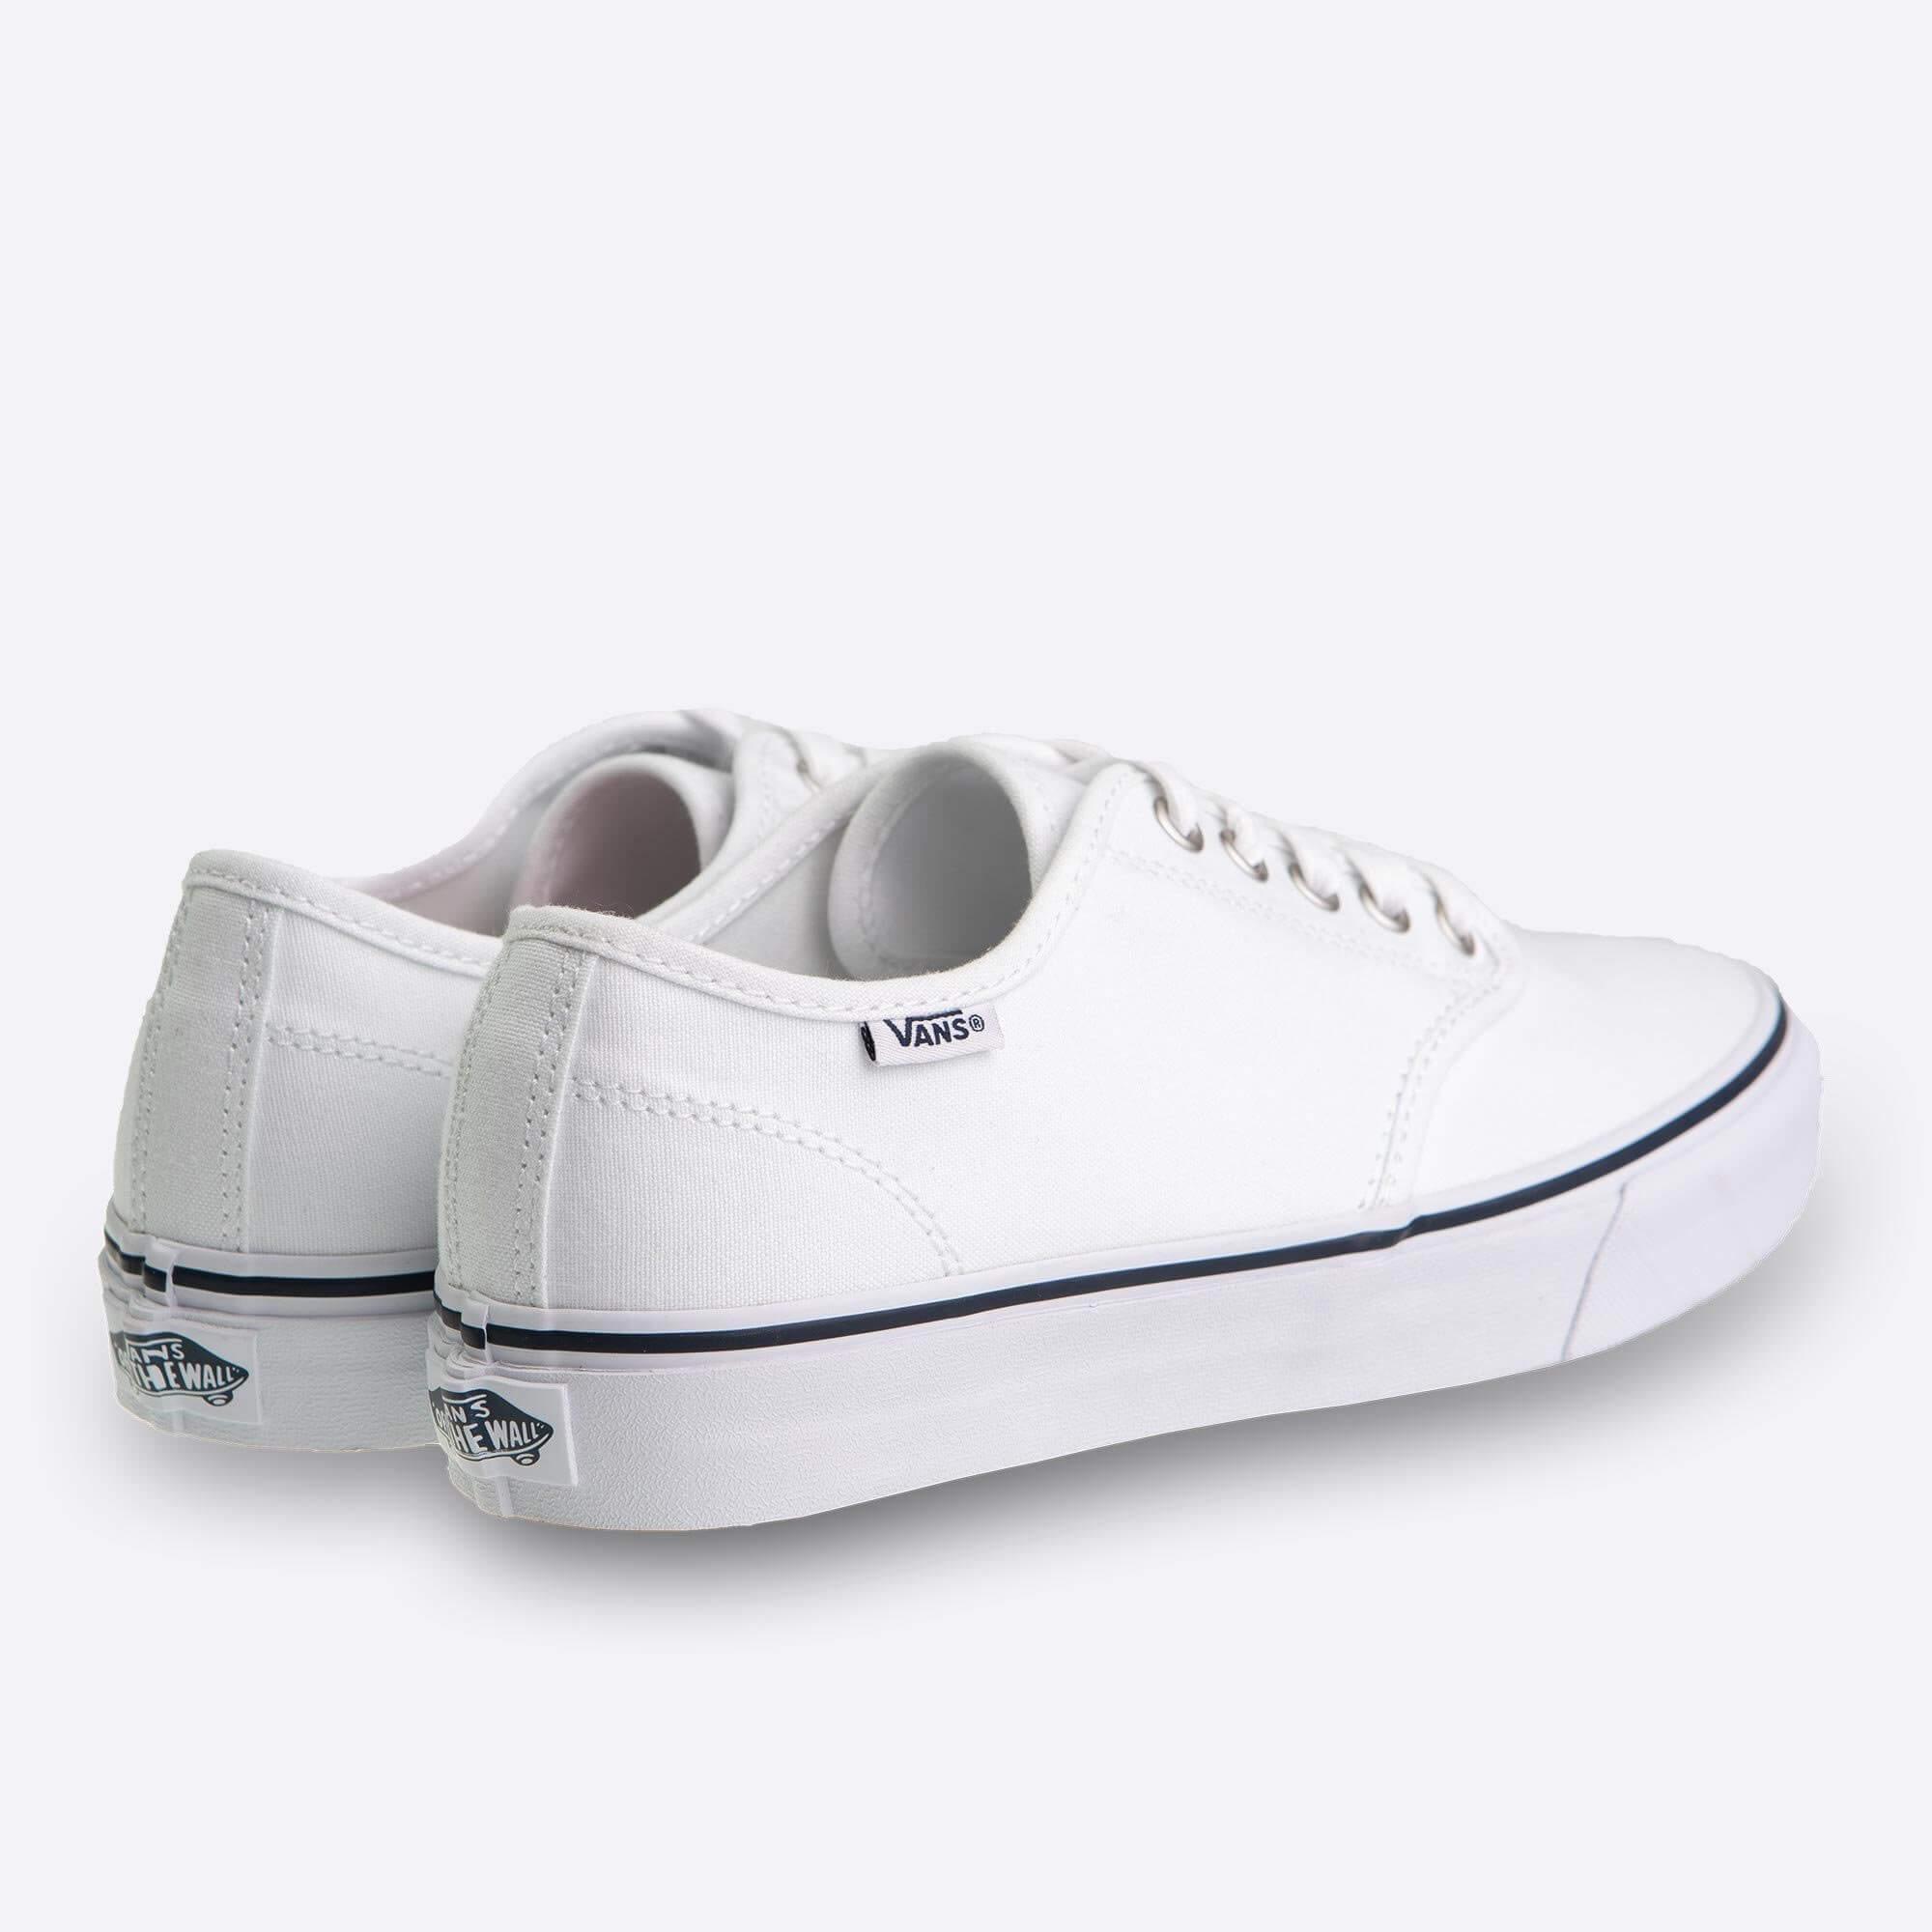 39d3c646067 Dámské bílé tenisky Vans Camden Stripe Canvas White And Navy